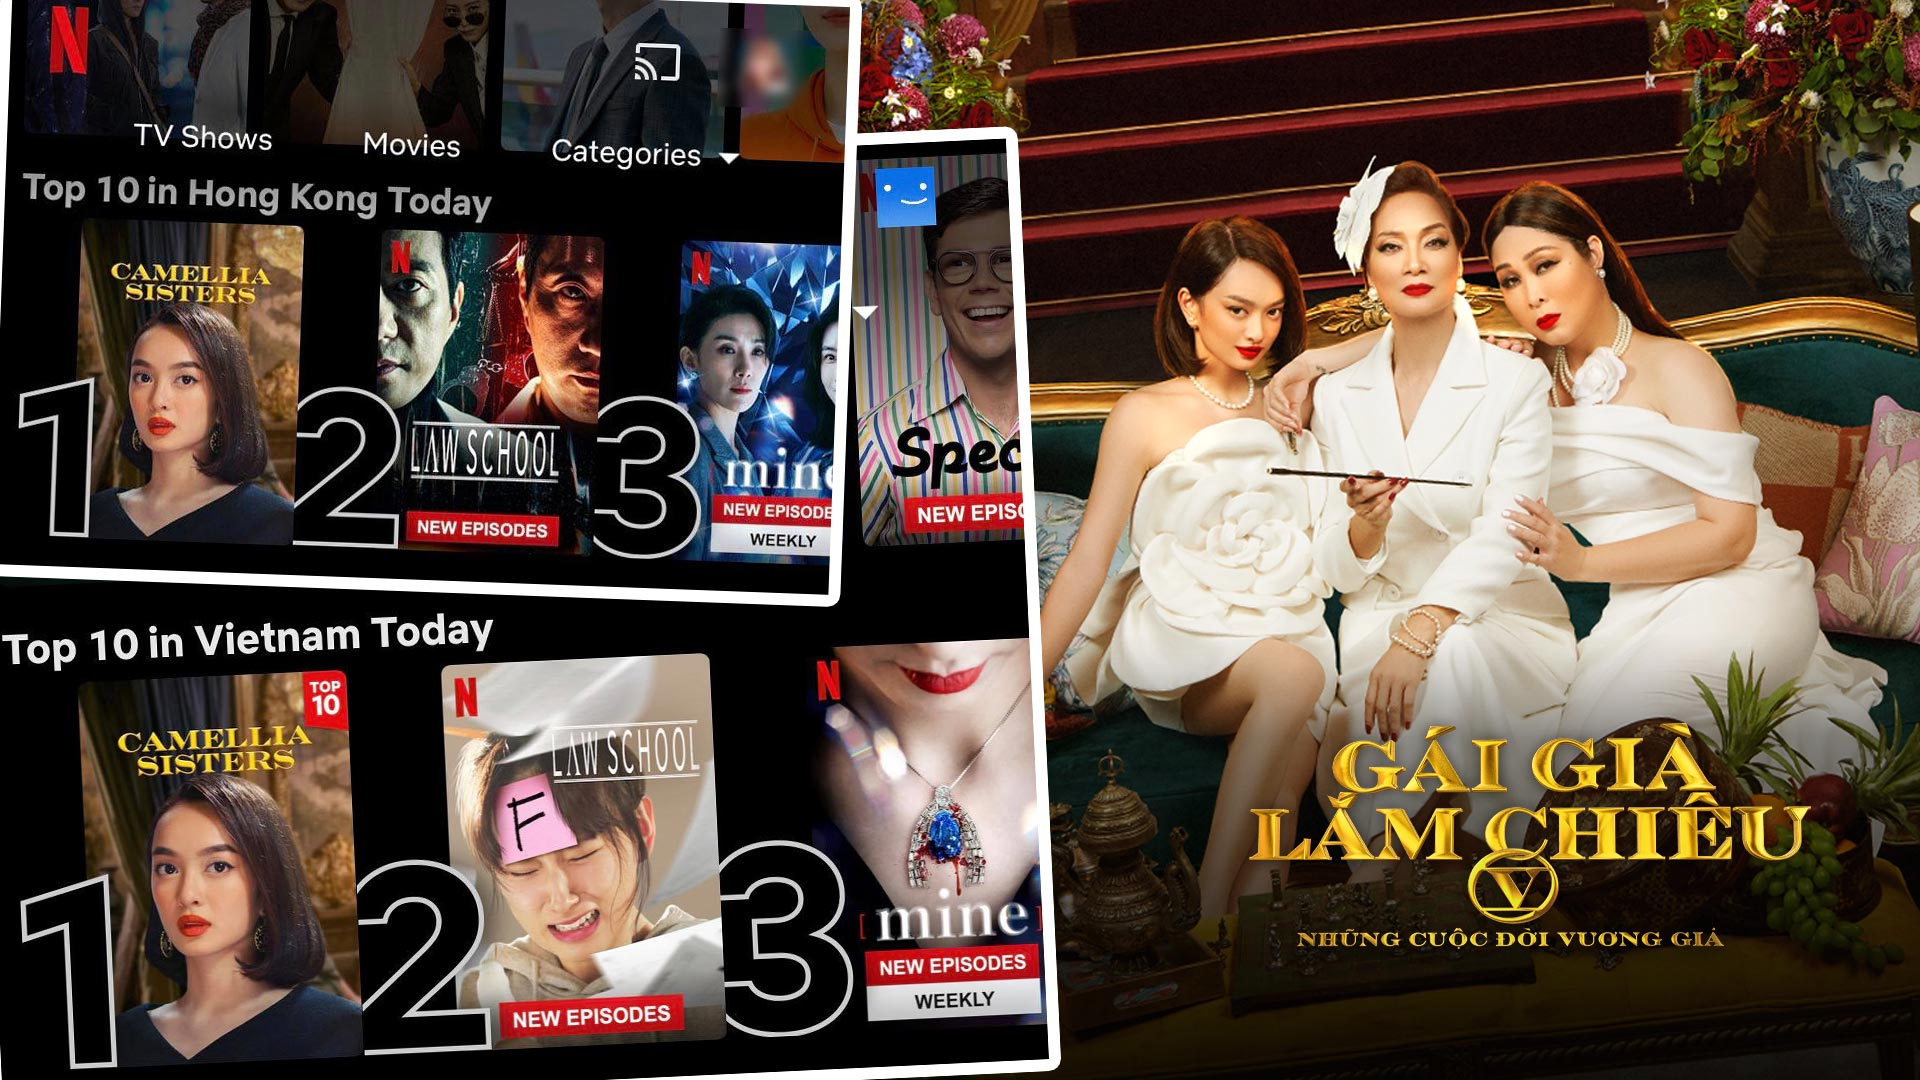 Gái già lắm chiêu V vẫn lọt top 3 Netflix Việt Nam sau tuần đầu góp mặt